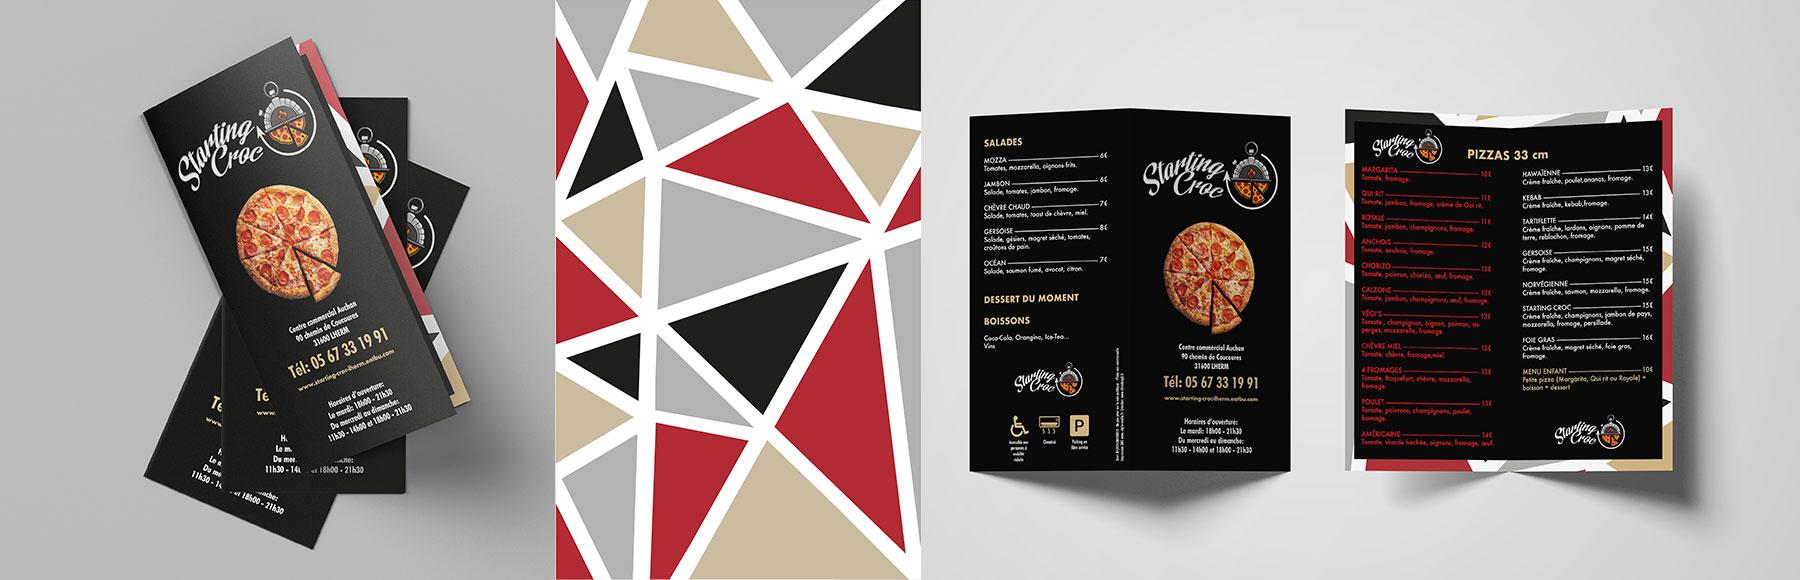 Portfolio Dépliant Starting Croc Pizzas